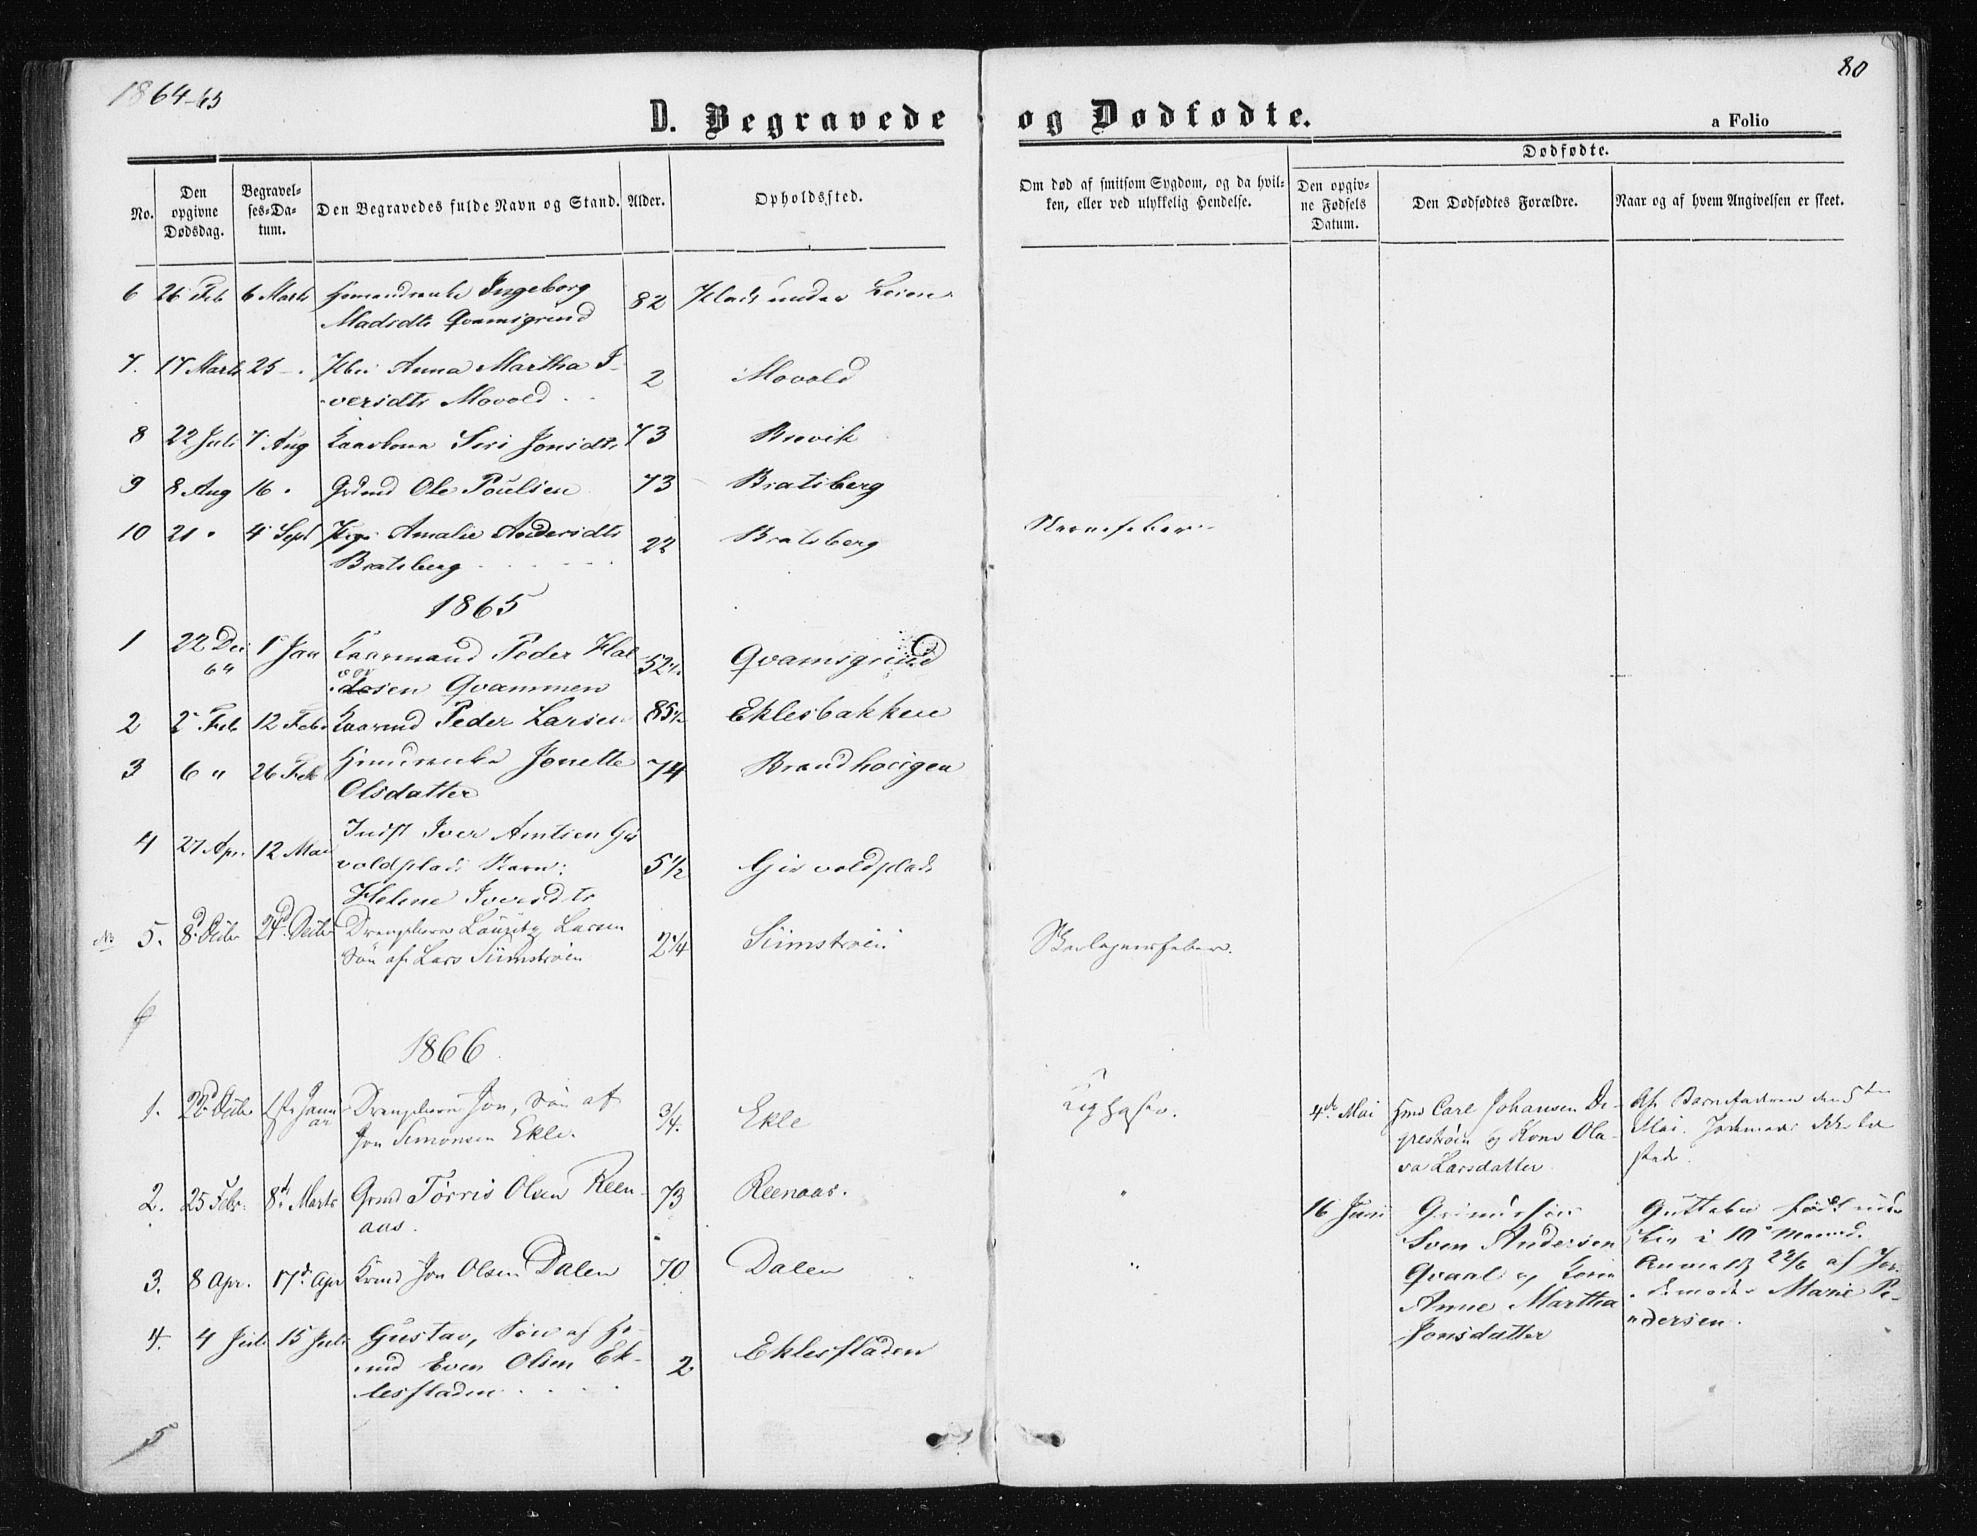 SAT, Ministerialprotokoller, klokkerbøker og fødselsregistre - Sør-Trøndelag, 608/L0333: Ministerialbok nr. 608A02, 1862-1876, s. 80